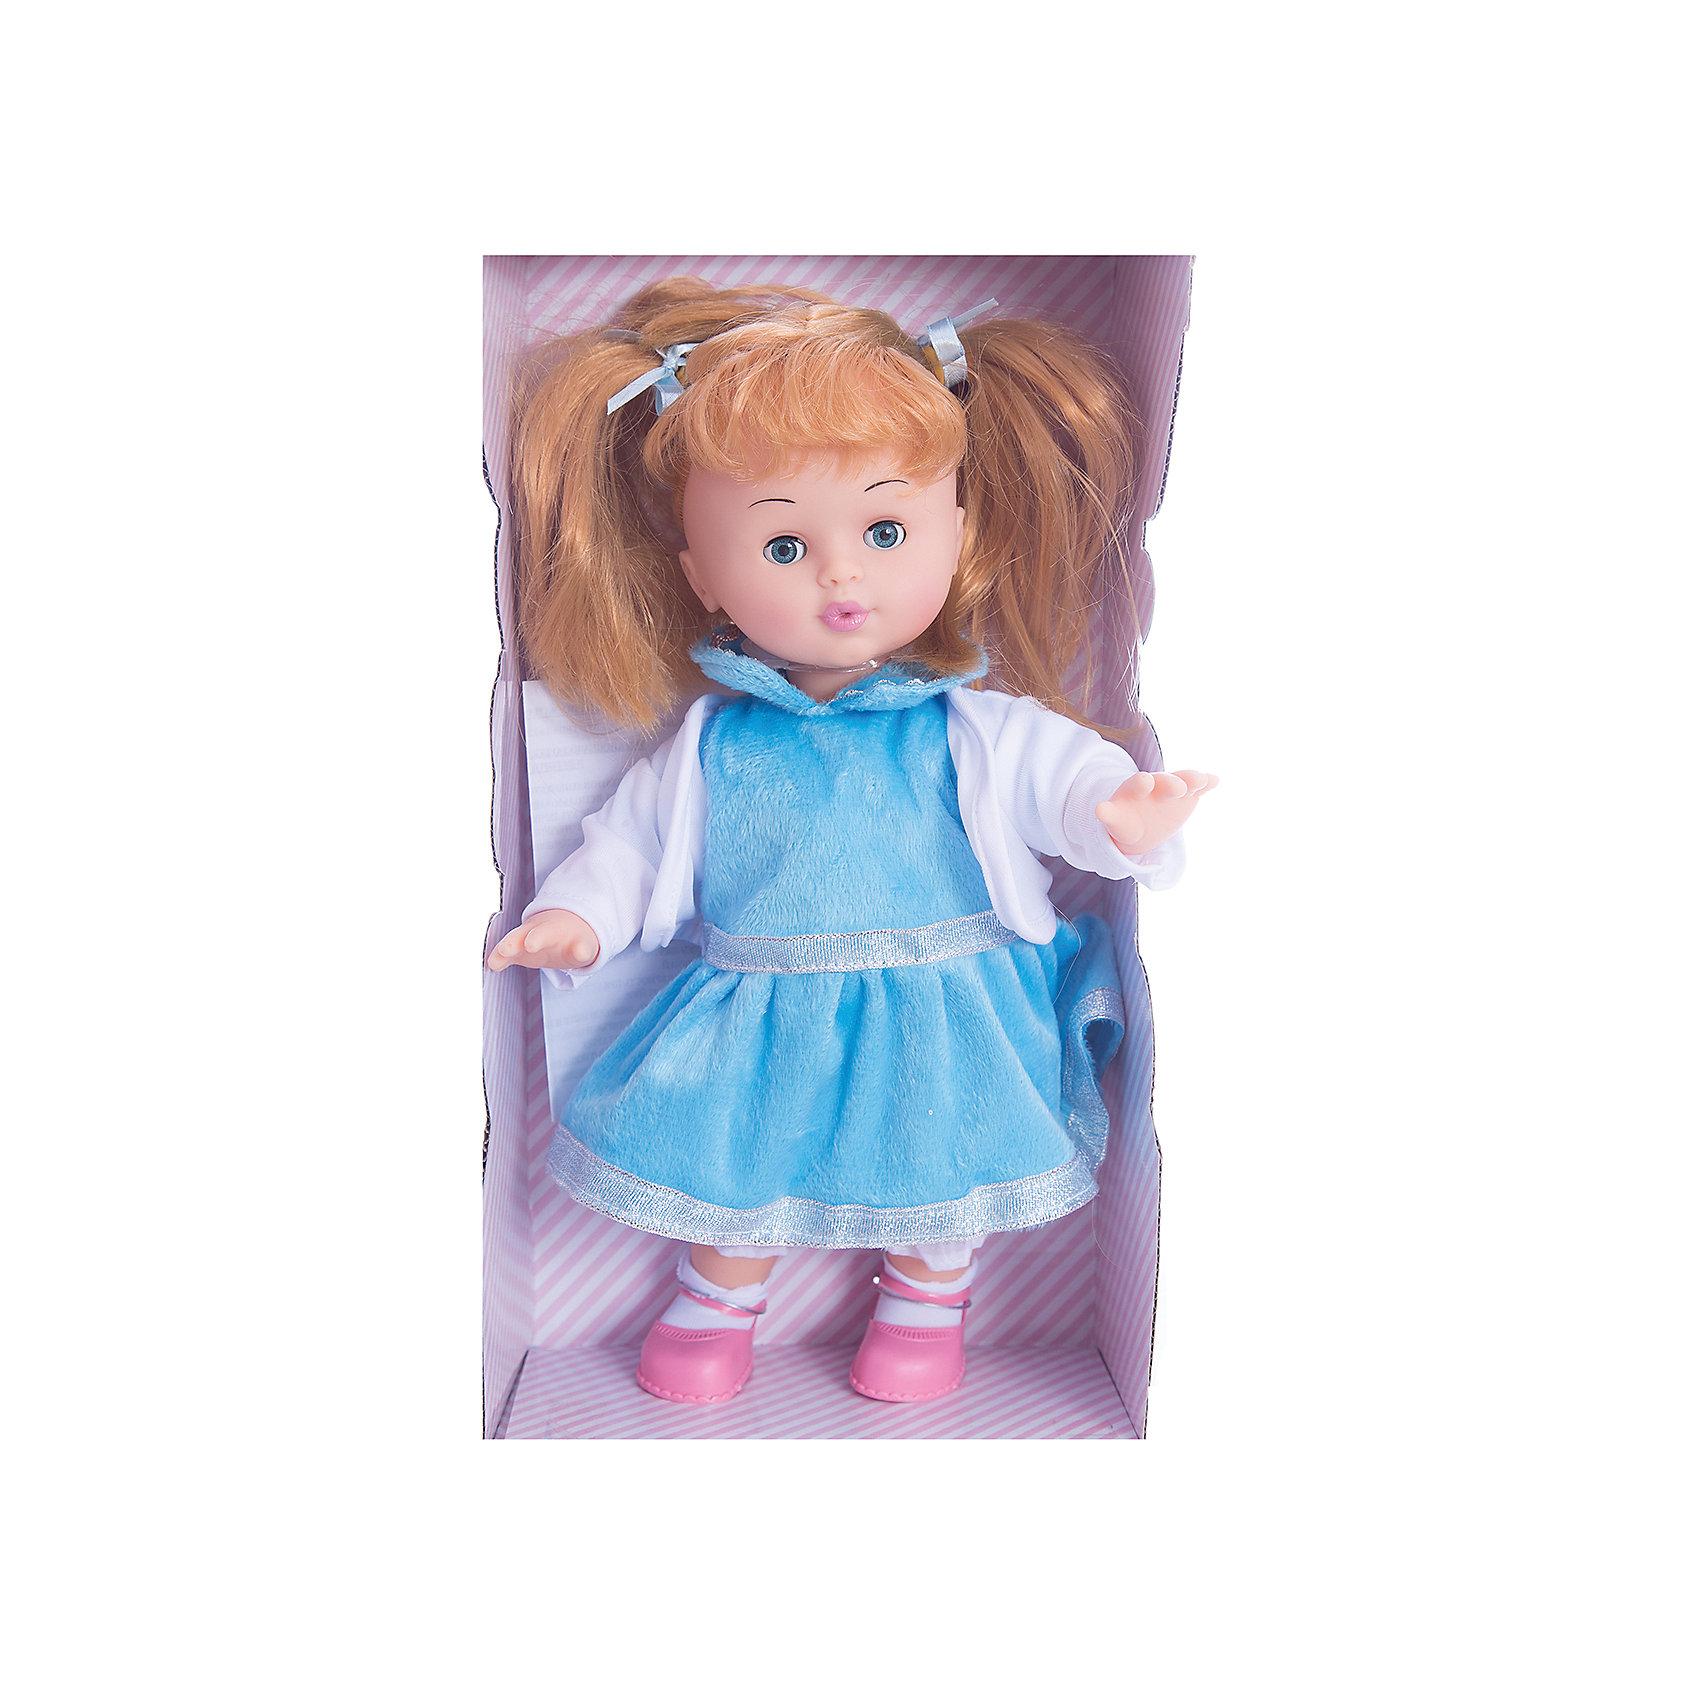 Кукла Карапуз, стихи и песни А. Барто (5 стихов и 3 песни), КарапузБренды кукол<br>Кукла для девочки - это не только игрушка, с которой можно весело провести время, кукла - это возможность отрабатывать навыки поведения в обществе, учиться заботе о других, делать прически и одеваться согласно моде и поводу.<br>Эта красивая кукла не только  симпатично выглядит, она дополнена звуковым модулем, поэтому может рассказывать стихи и петь песни! Игрушка красиво одета , у нее мягкое тело. Такая кукла запросто может стать самой любимой игрушкой! Произведена из безопасных для ребенка и качественных материалов.<br><br>Дополнительная информация:<br><br>цвет: разноцветный;<br>материал: пластик, текстиль;<br>звуковой модуль;<br>высота: 35 см.<br><br>Куклу Карапуз, стихи и песни А. Барто (5 стихов и 3 песни) можно купить в нашем магазине.<br><br>Ширина мм: 110<br>Глубина мм: 180<br>Высота мм: 340<br>Вес г: 680<br>Возраст от месяцев: 36<br>Возраст до месяцев: 72<br>Пол: Женский<br>Возраст: Детский<br>SKU: 4973069